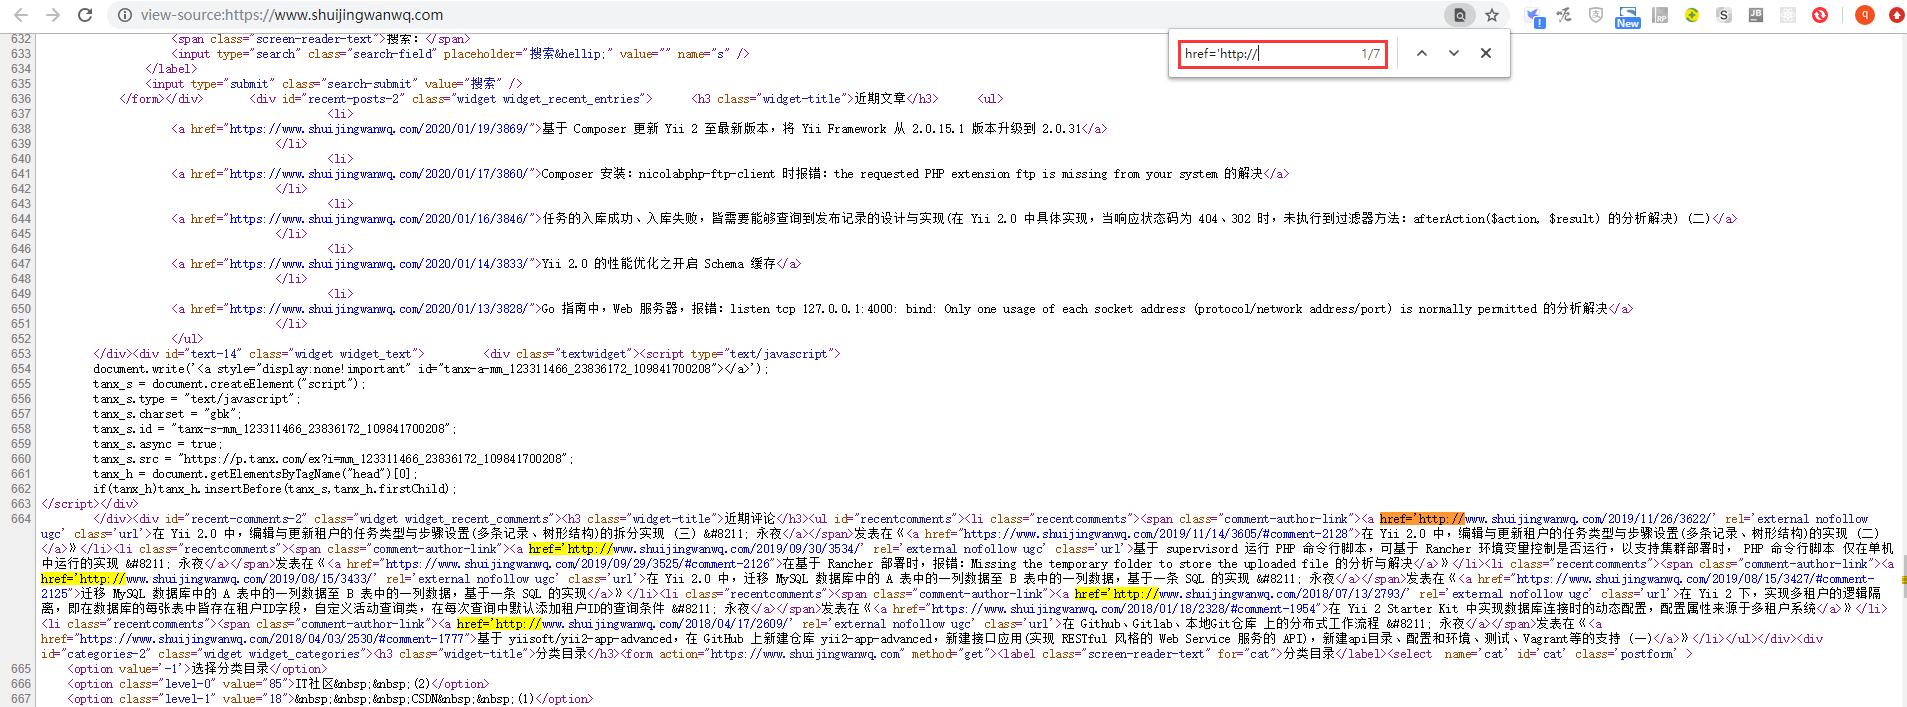 查看网页源代码,搜索:href='http:// ,搜索结果总计有 7 处,准备将这 7 处修改为:href='https://